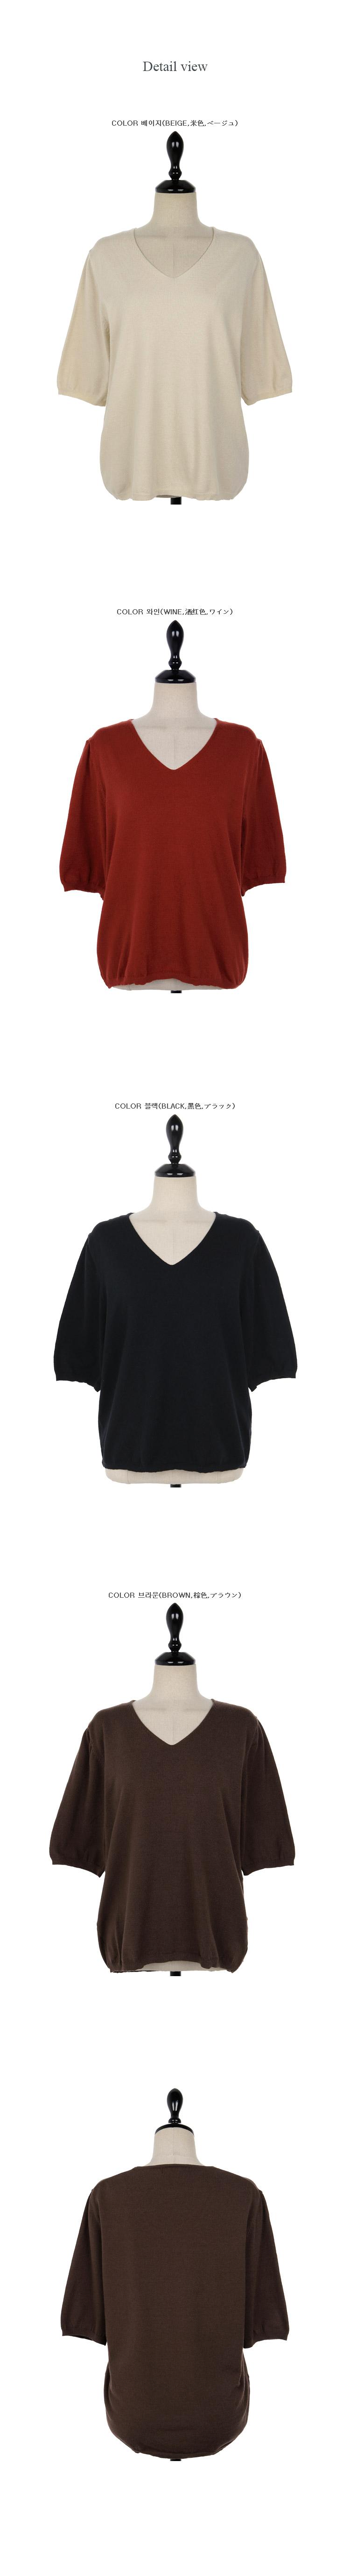 Misching V neck knit